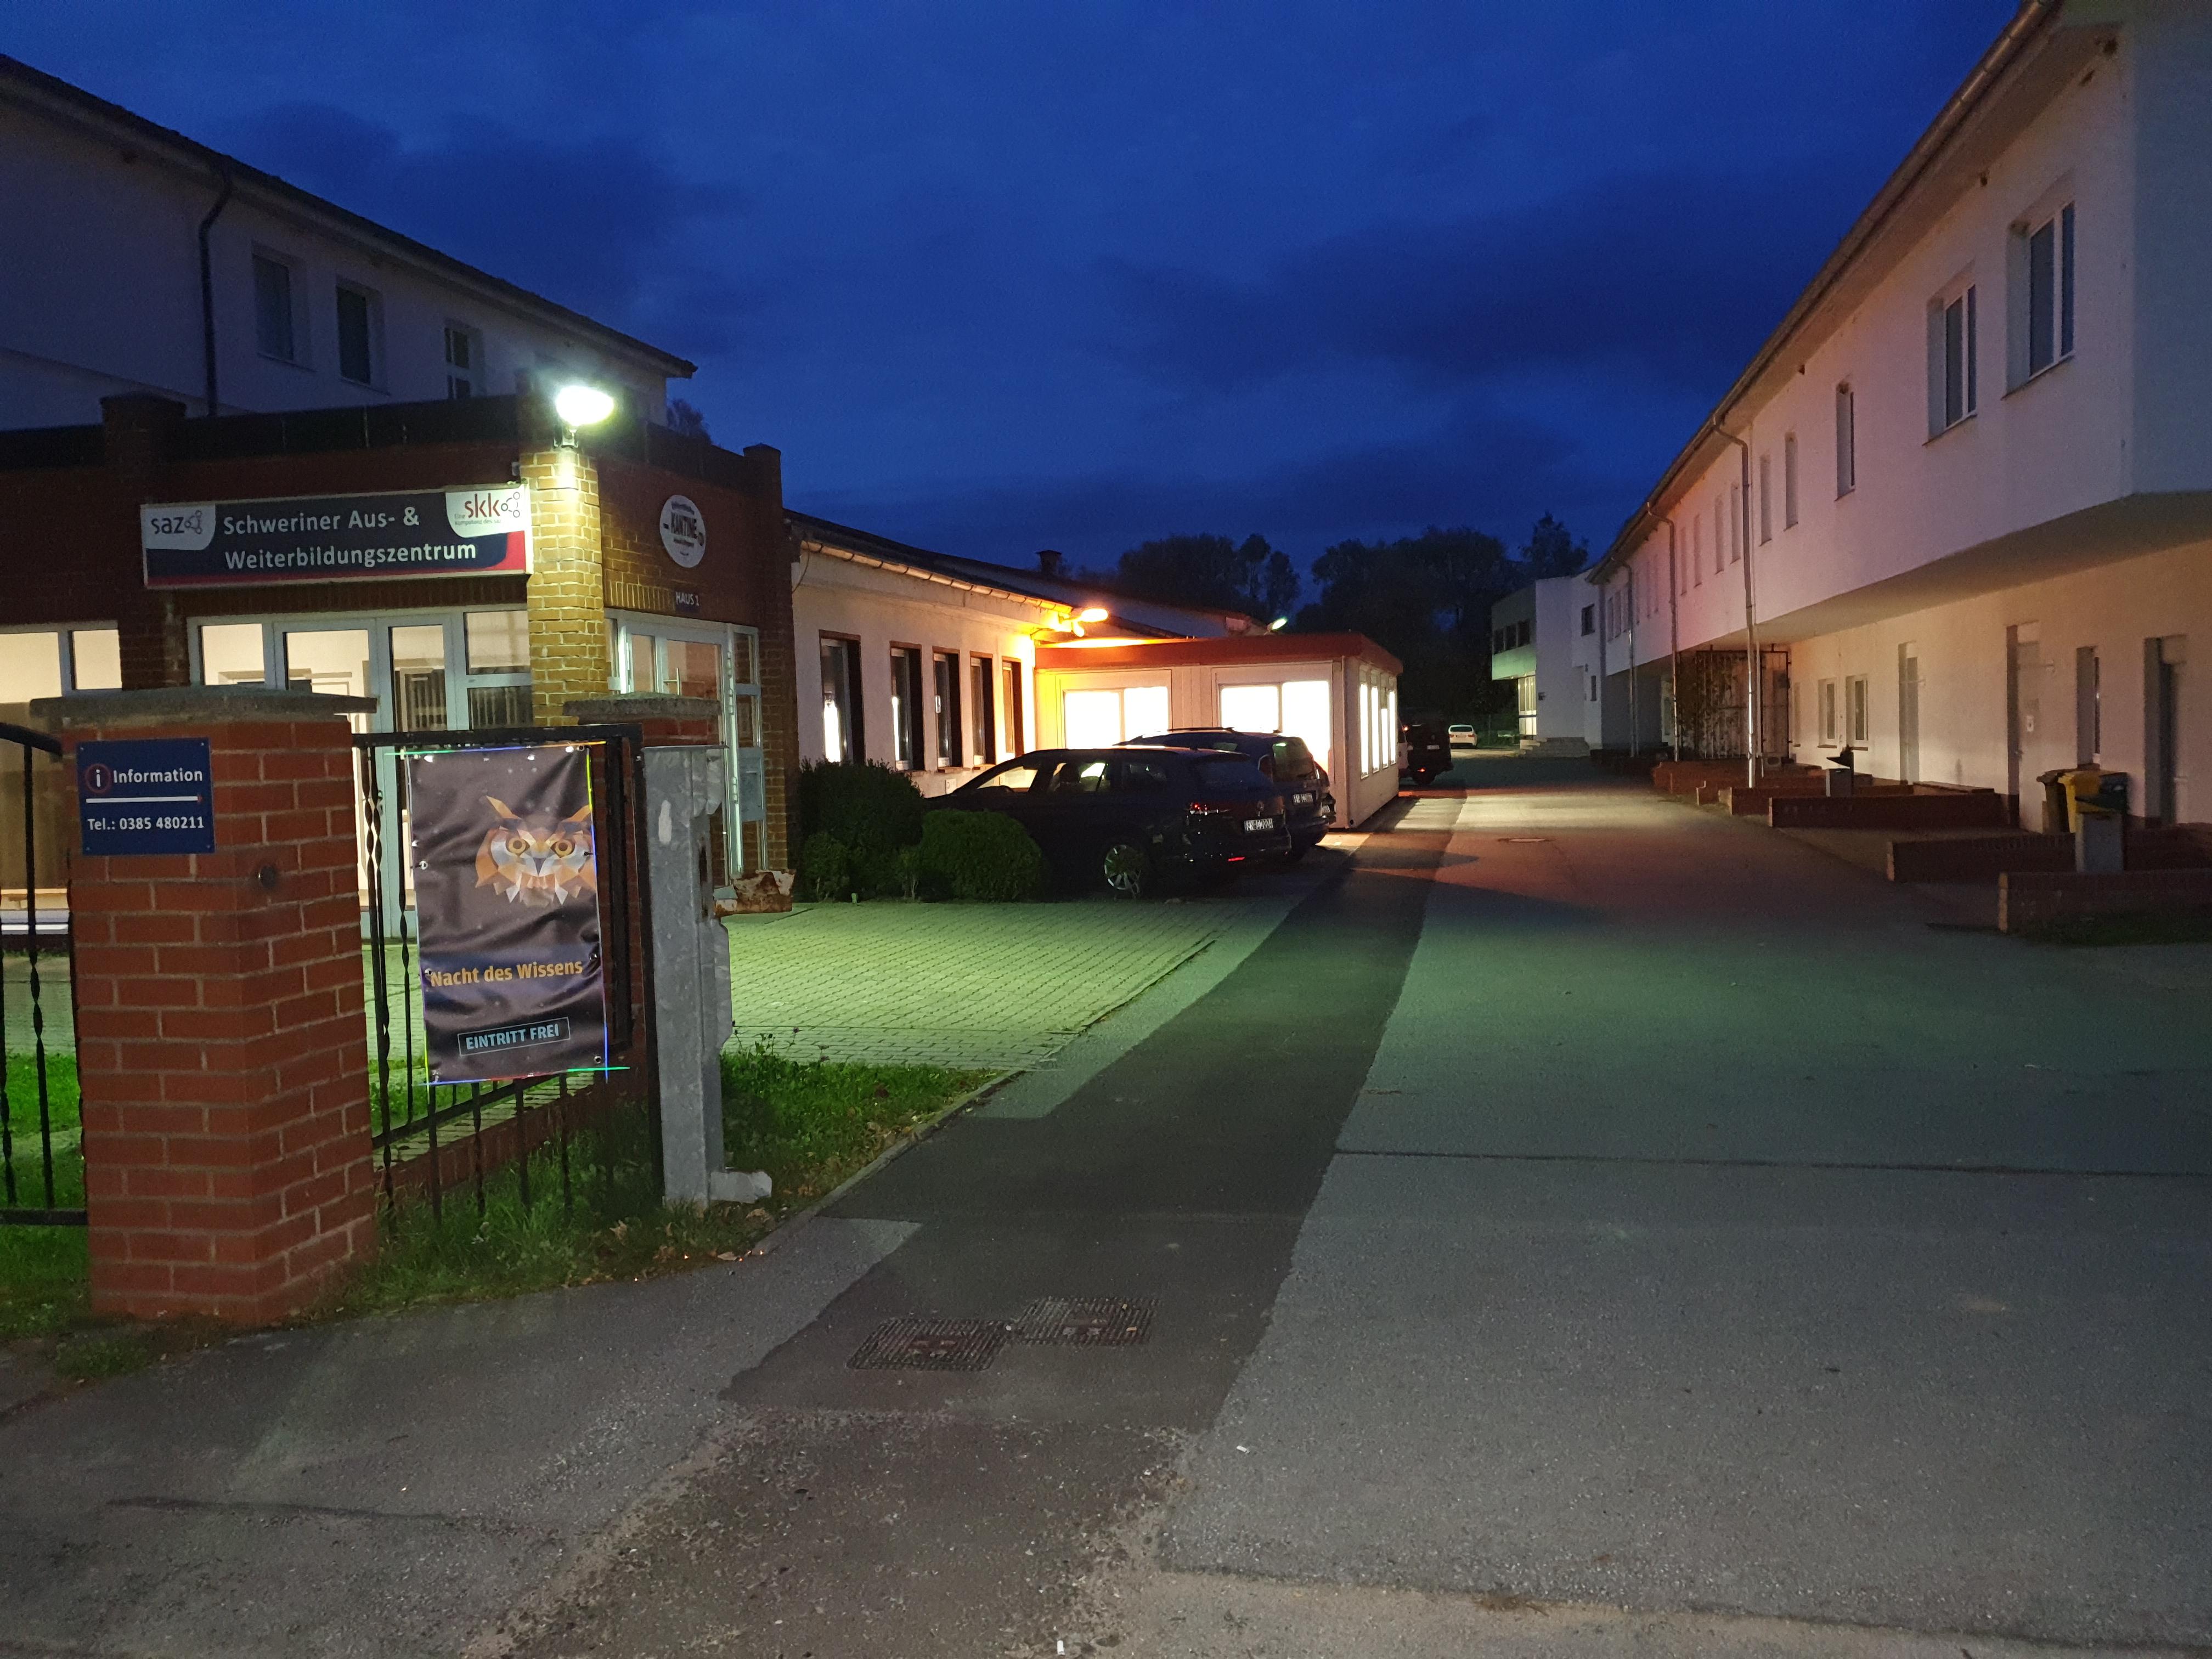 2019-10-17_Nacht-des-Wissens_25